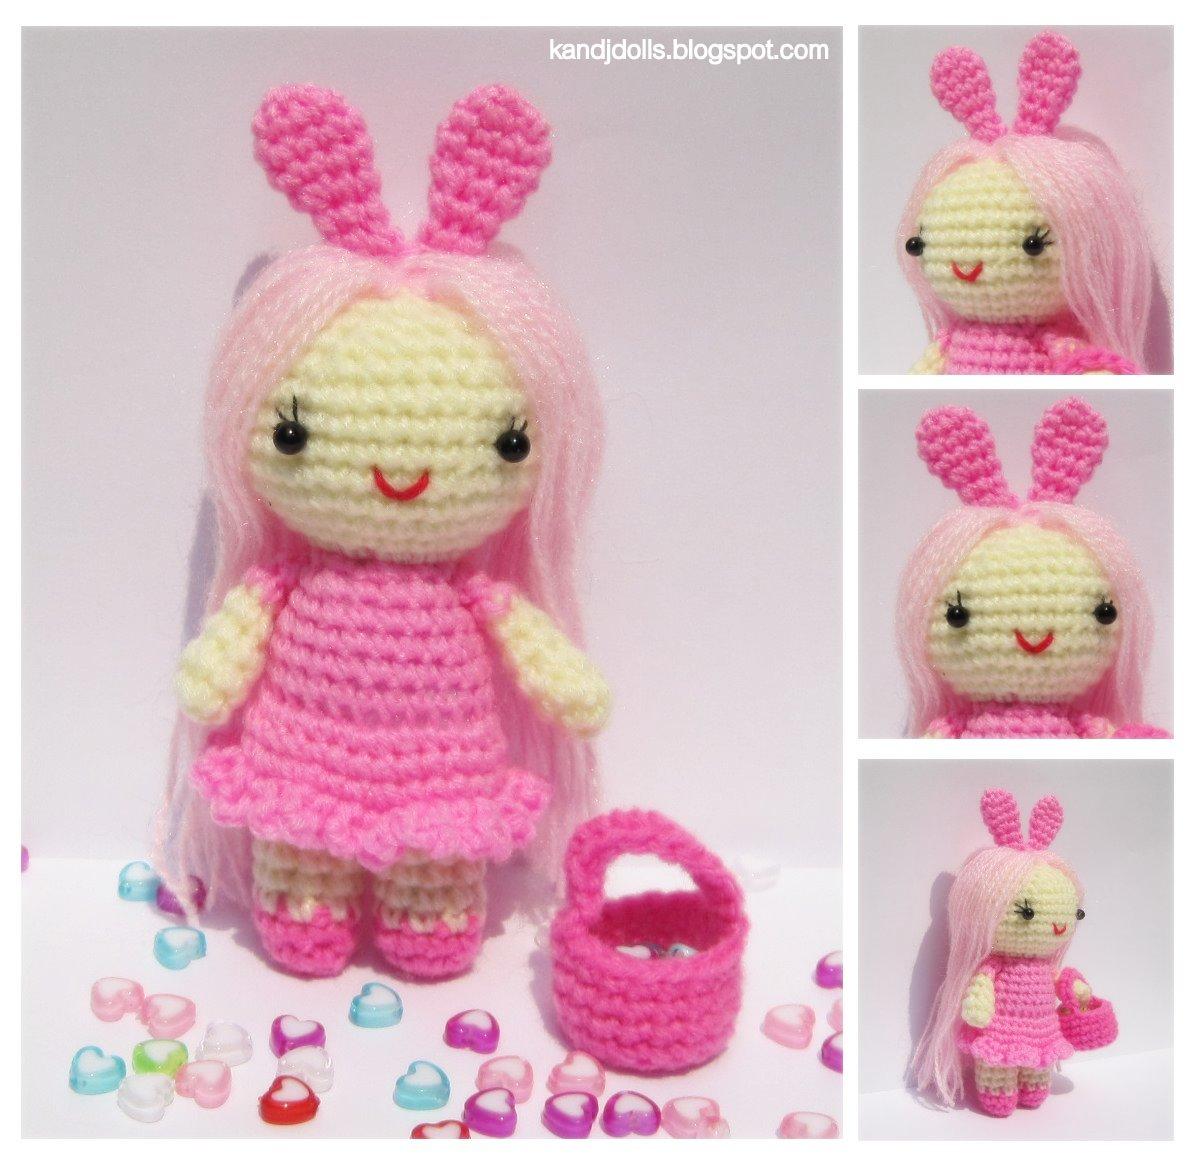 [Pink+Lady+Amigurumi+Doll+Frame.jpg]